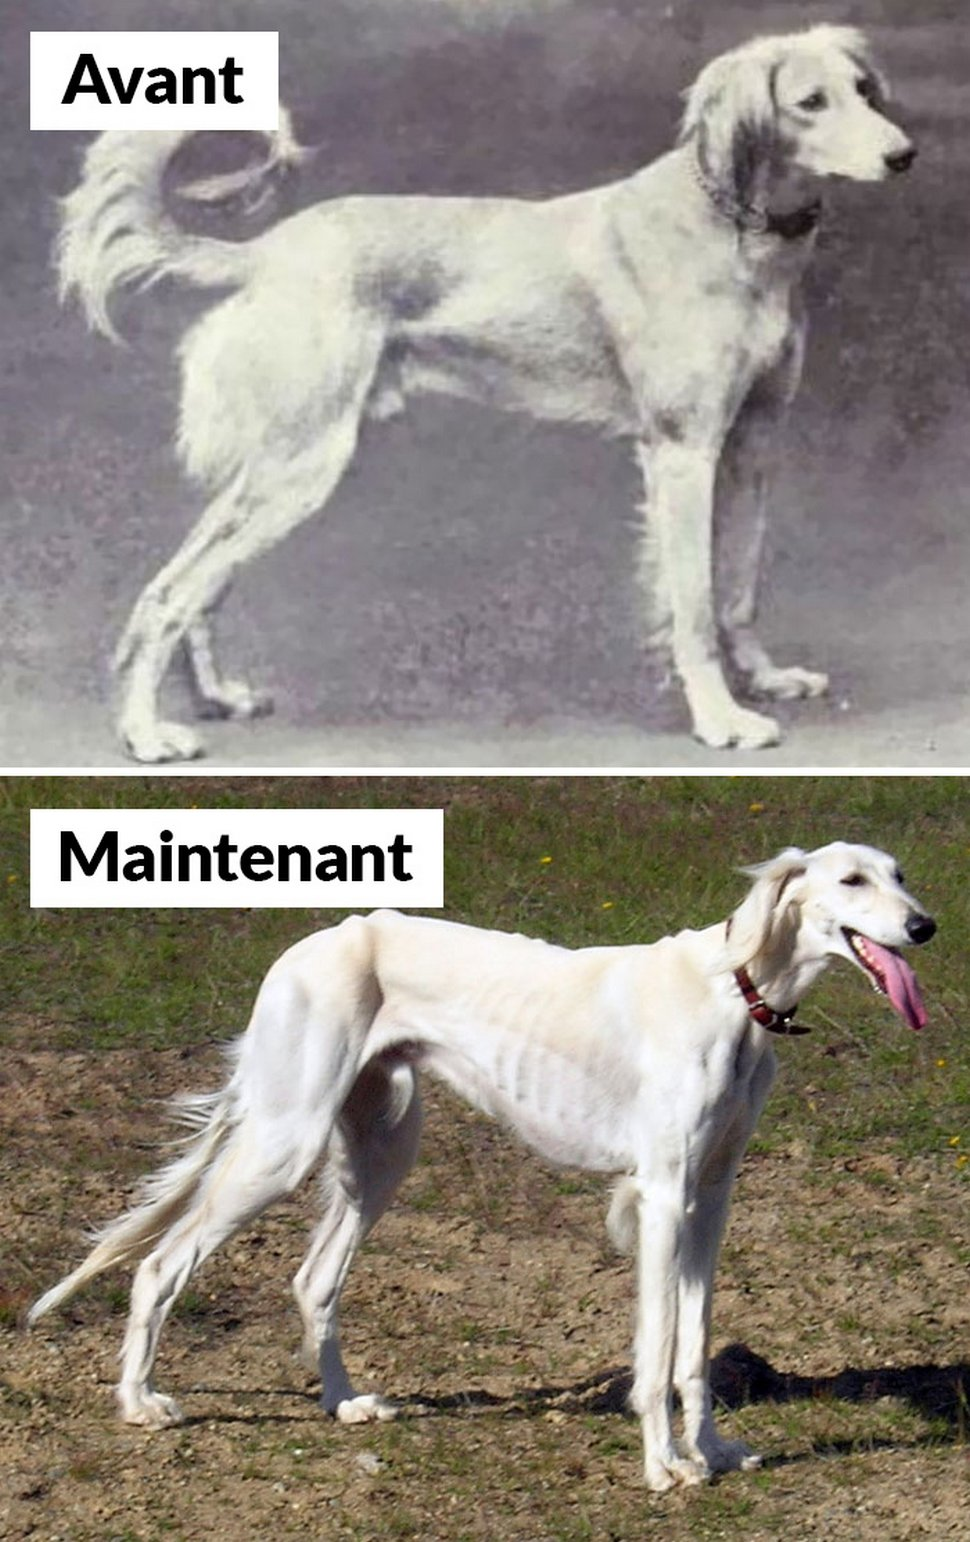 18 photos qui montrent les races de chiens d'aujourd'hui par rapport à 100 ans plus tôt